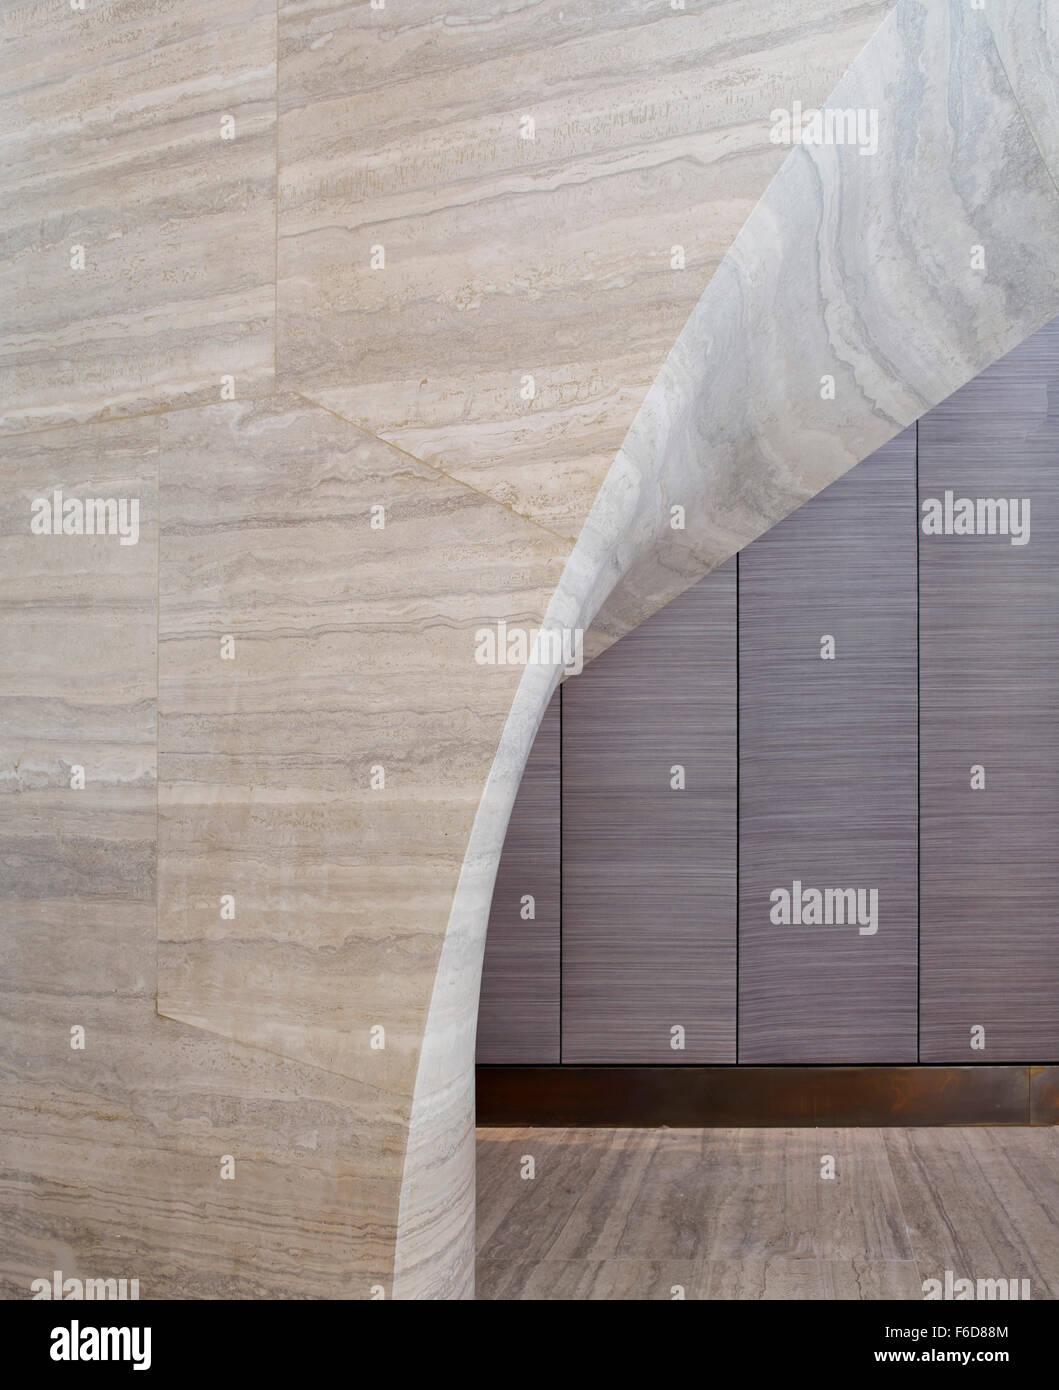 Curvatura e intradosso. Scala in travertino, Londra, Regno Unito. Architetto: Jamie Fobert architetti, 2015. Immagini Stock